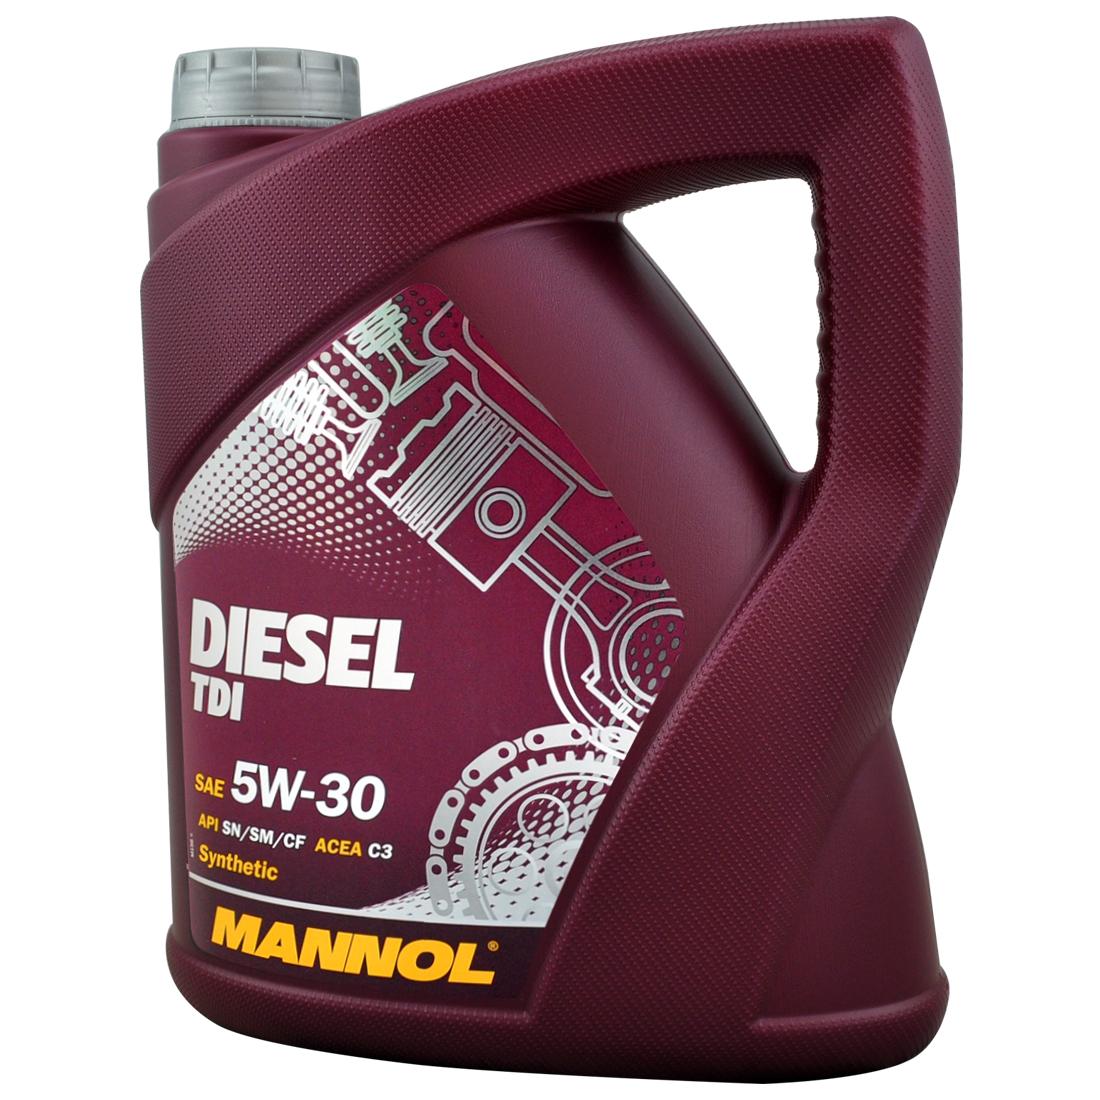 10 liter mannol diesel tdi 5w30 motor l longlife lfilter. Black Bedroom Furniture Sets. Home Design Ideas